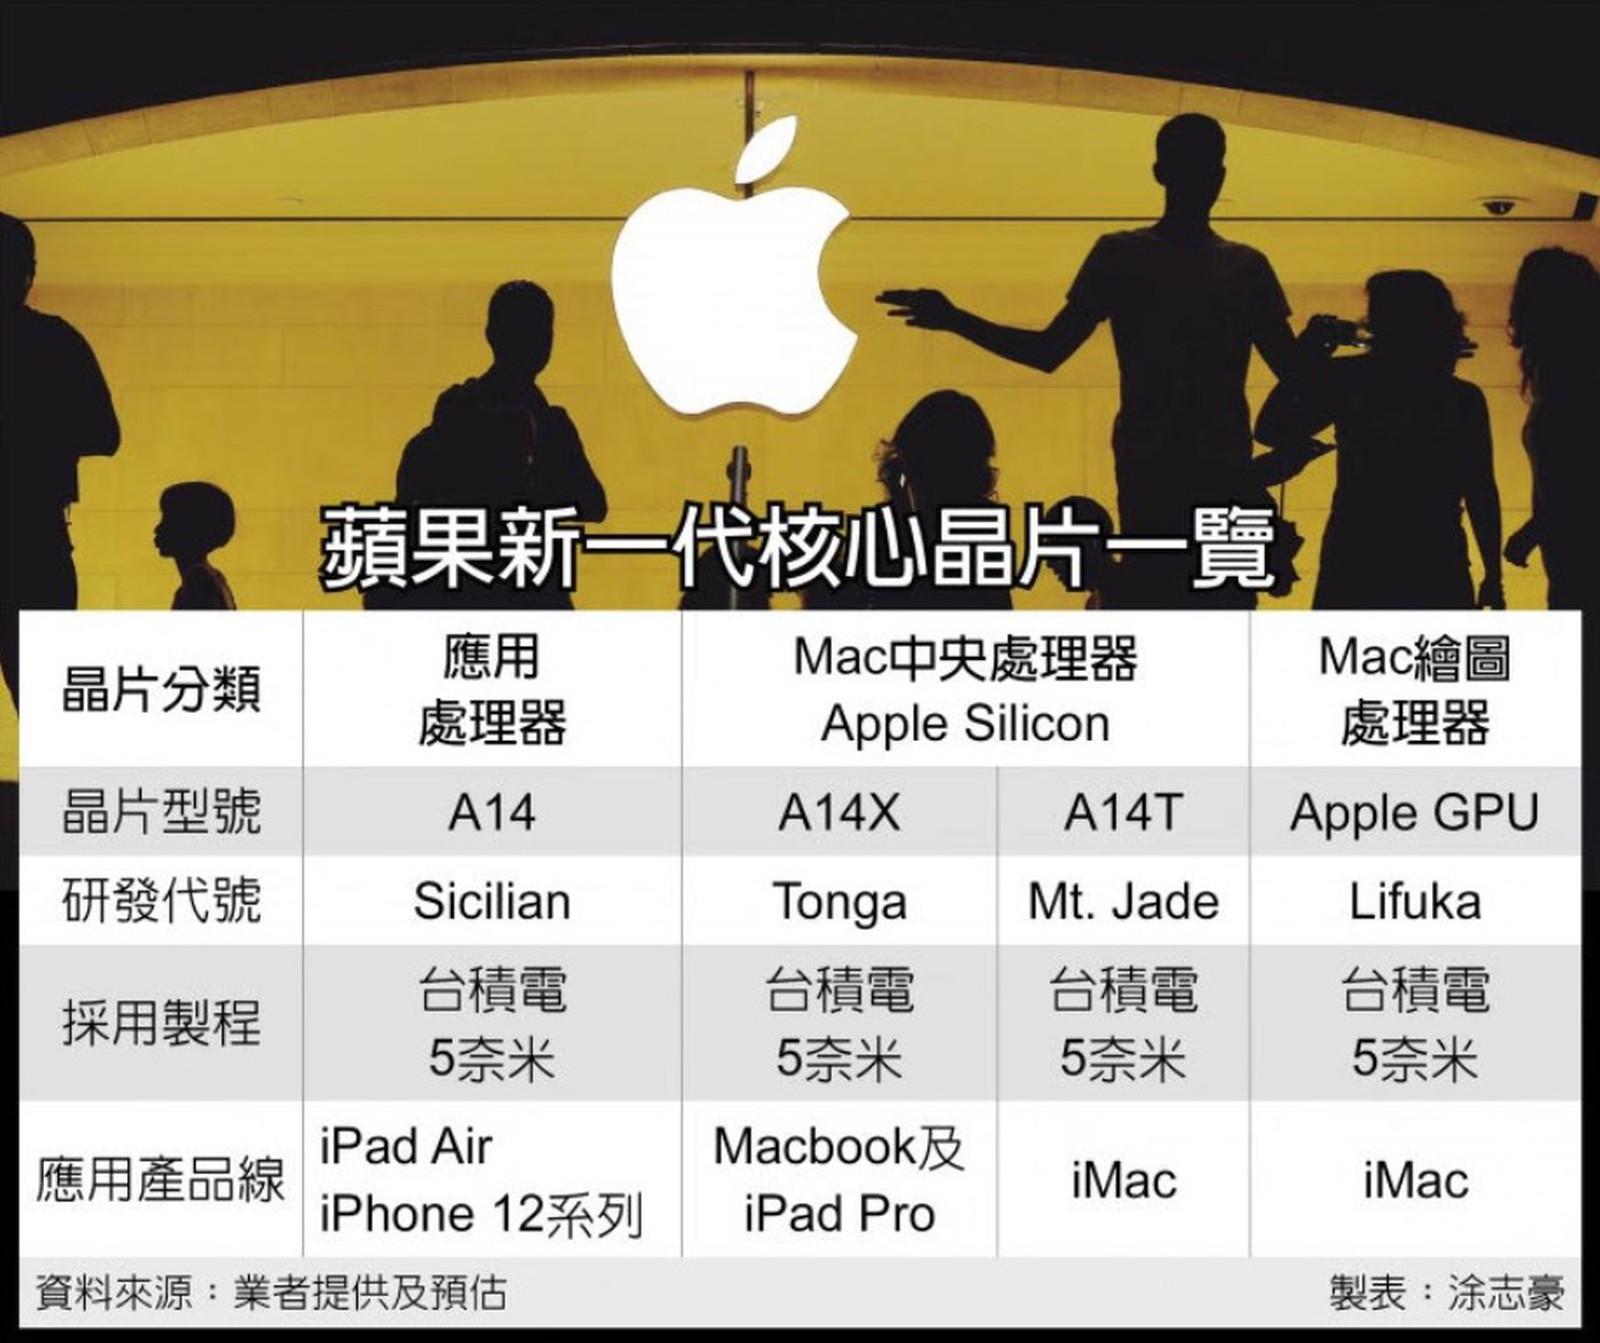 搭载 A14T 与自研GPU的iMac将于2021年上半年上市